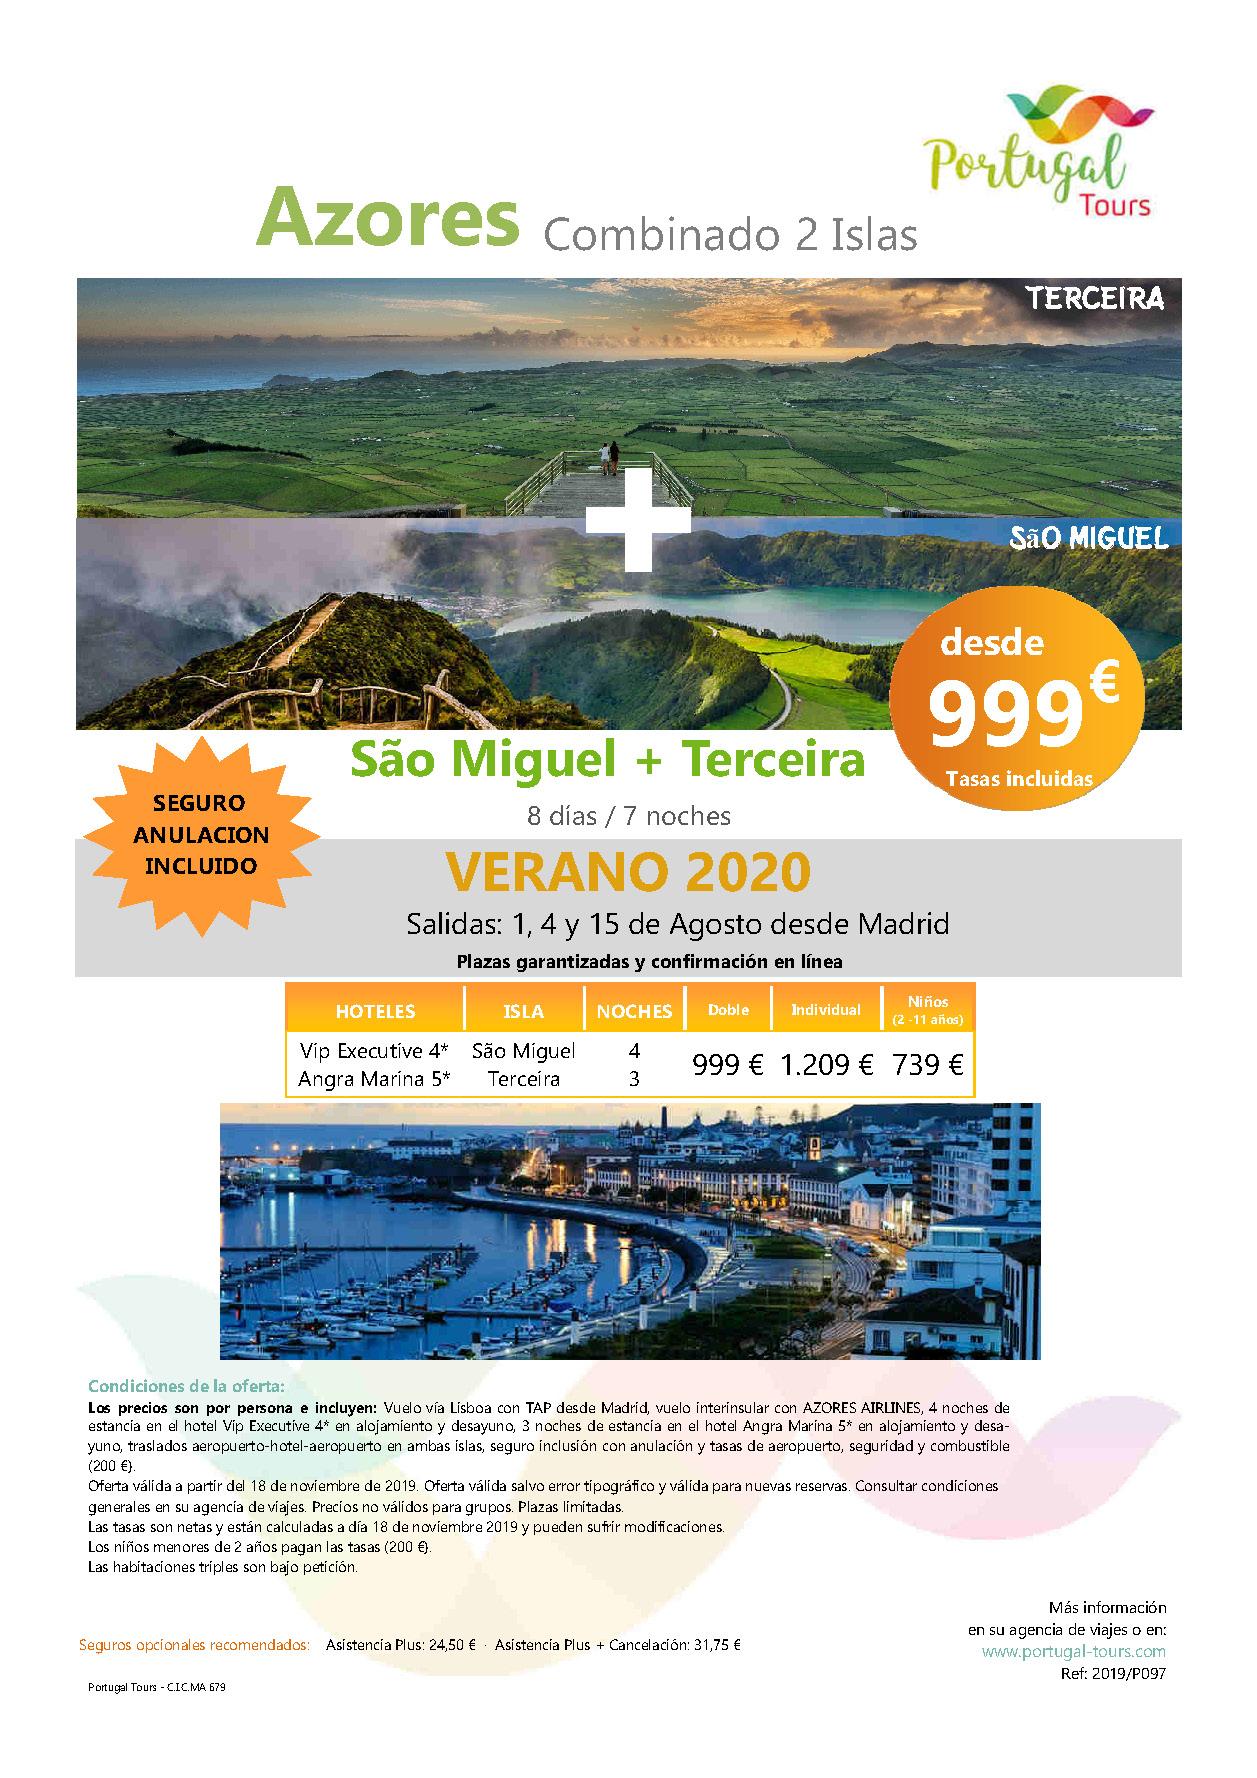 Oferta Portugal Tours Verano en San Miguel y Terceira Azores salida desde Madrid